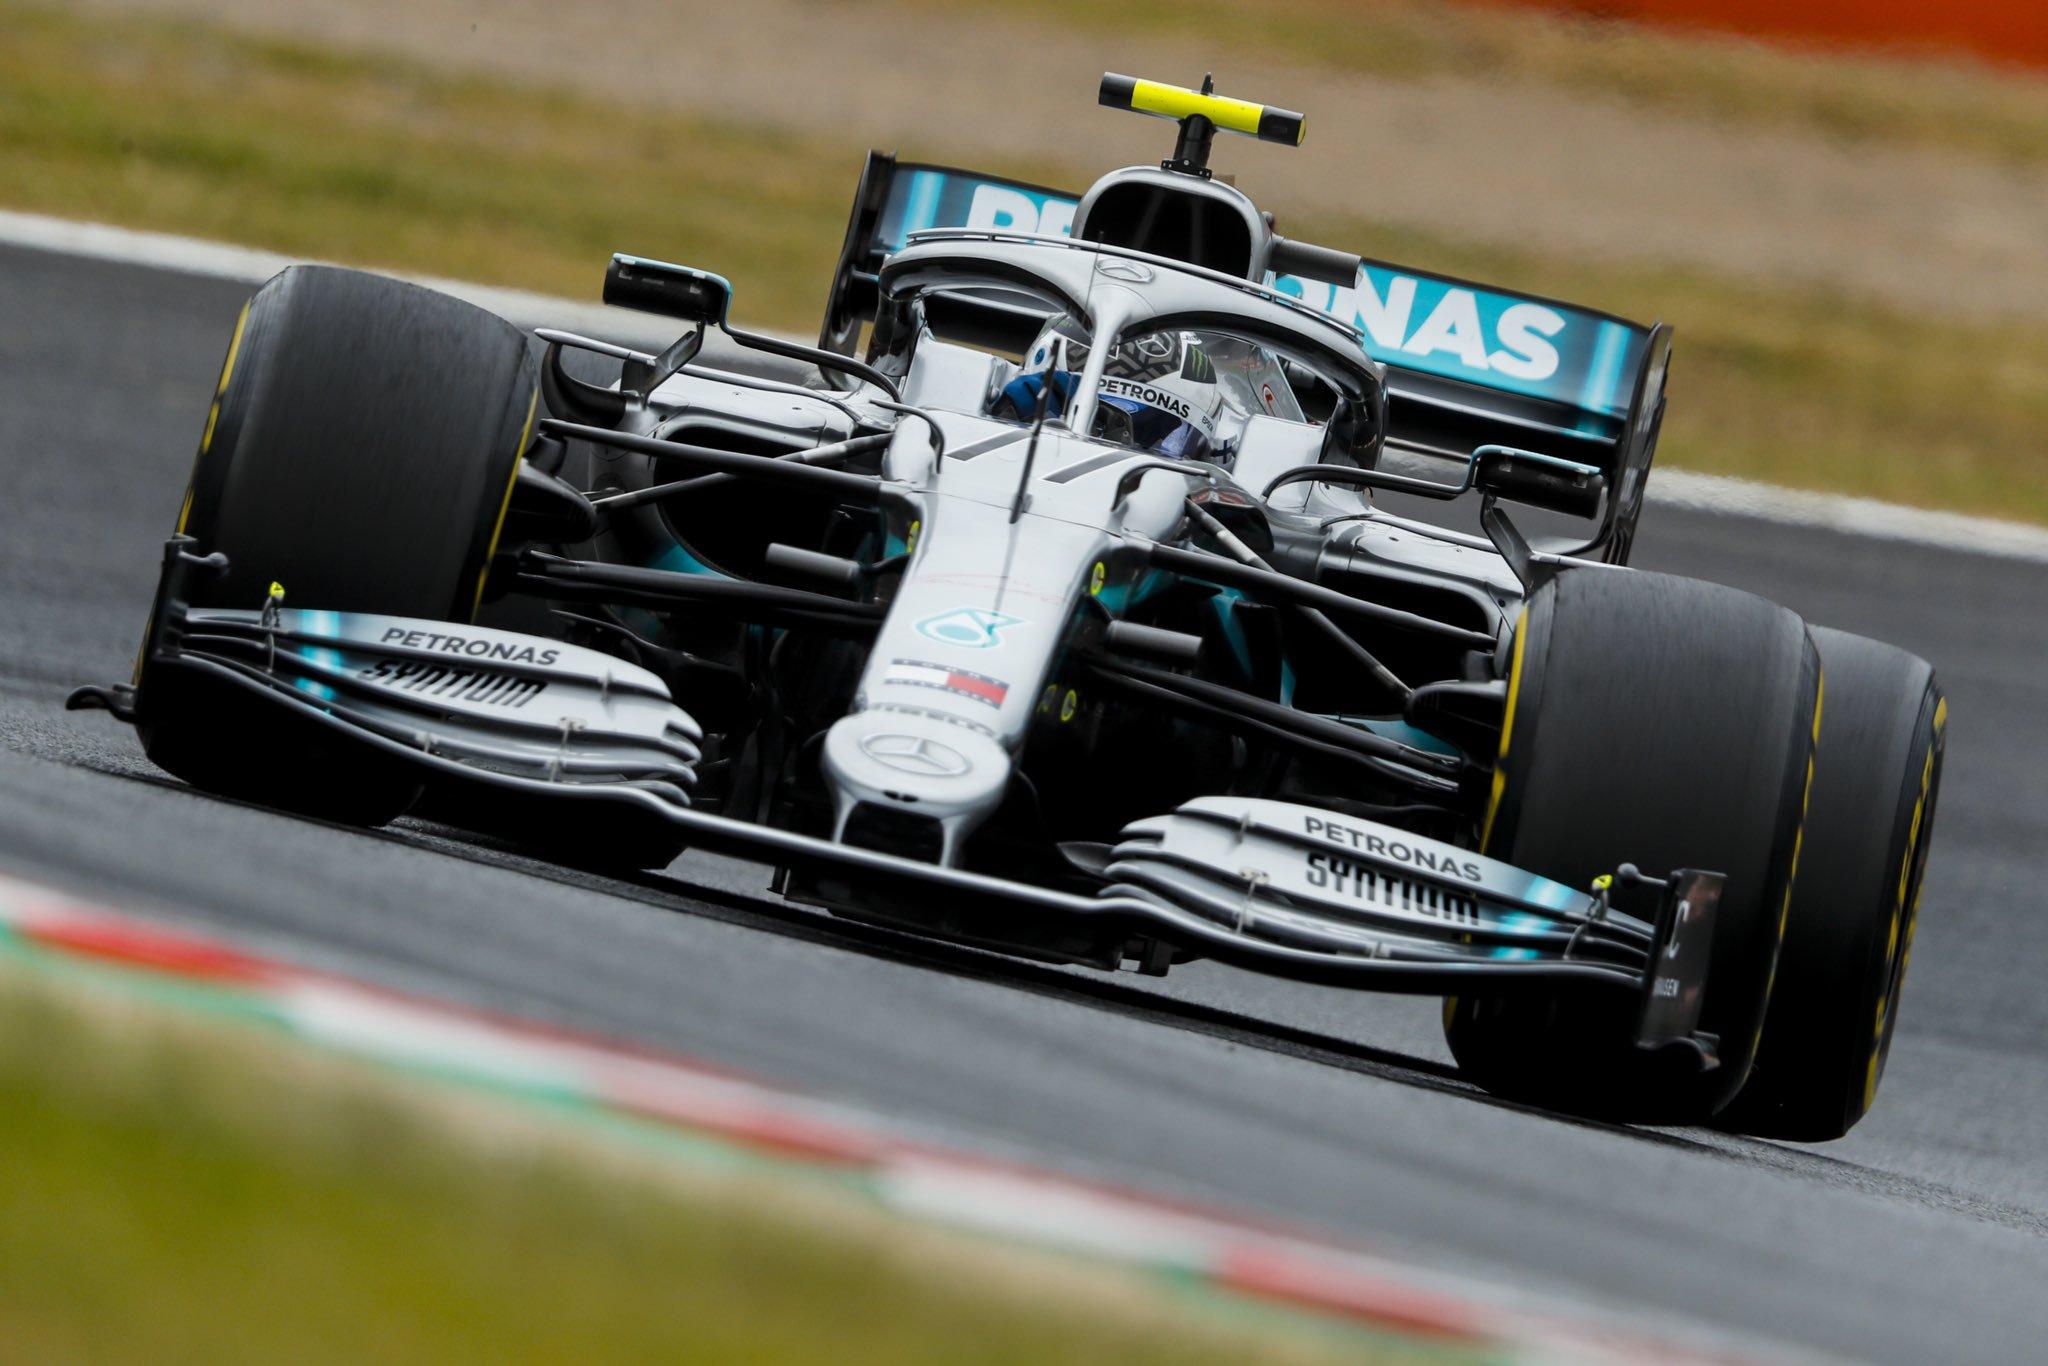 Foto de TL2 Suzuka – Com ameaça iminente para classificação, Bottas garante liderança ao superar Hamilton por 0s1